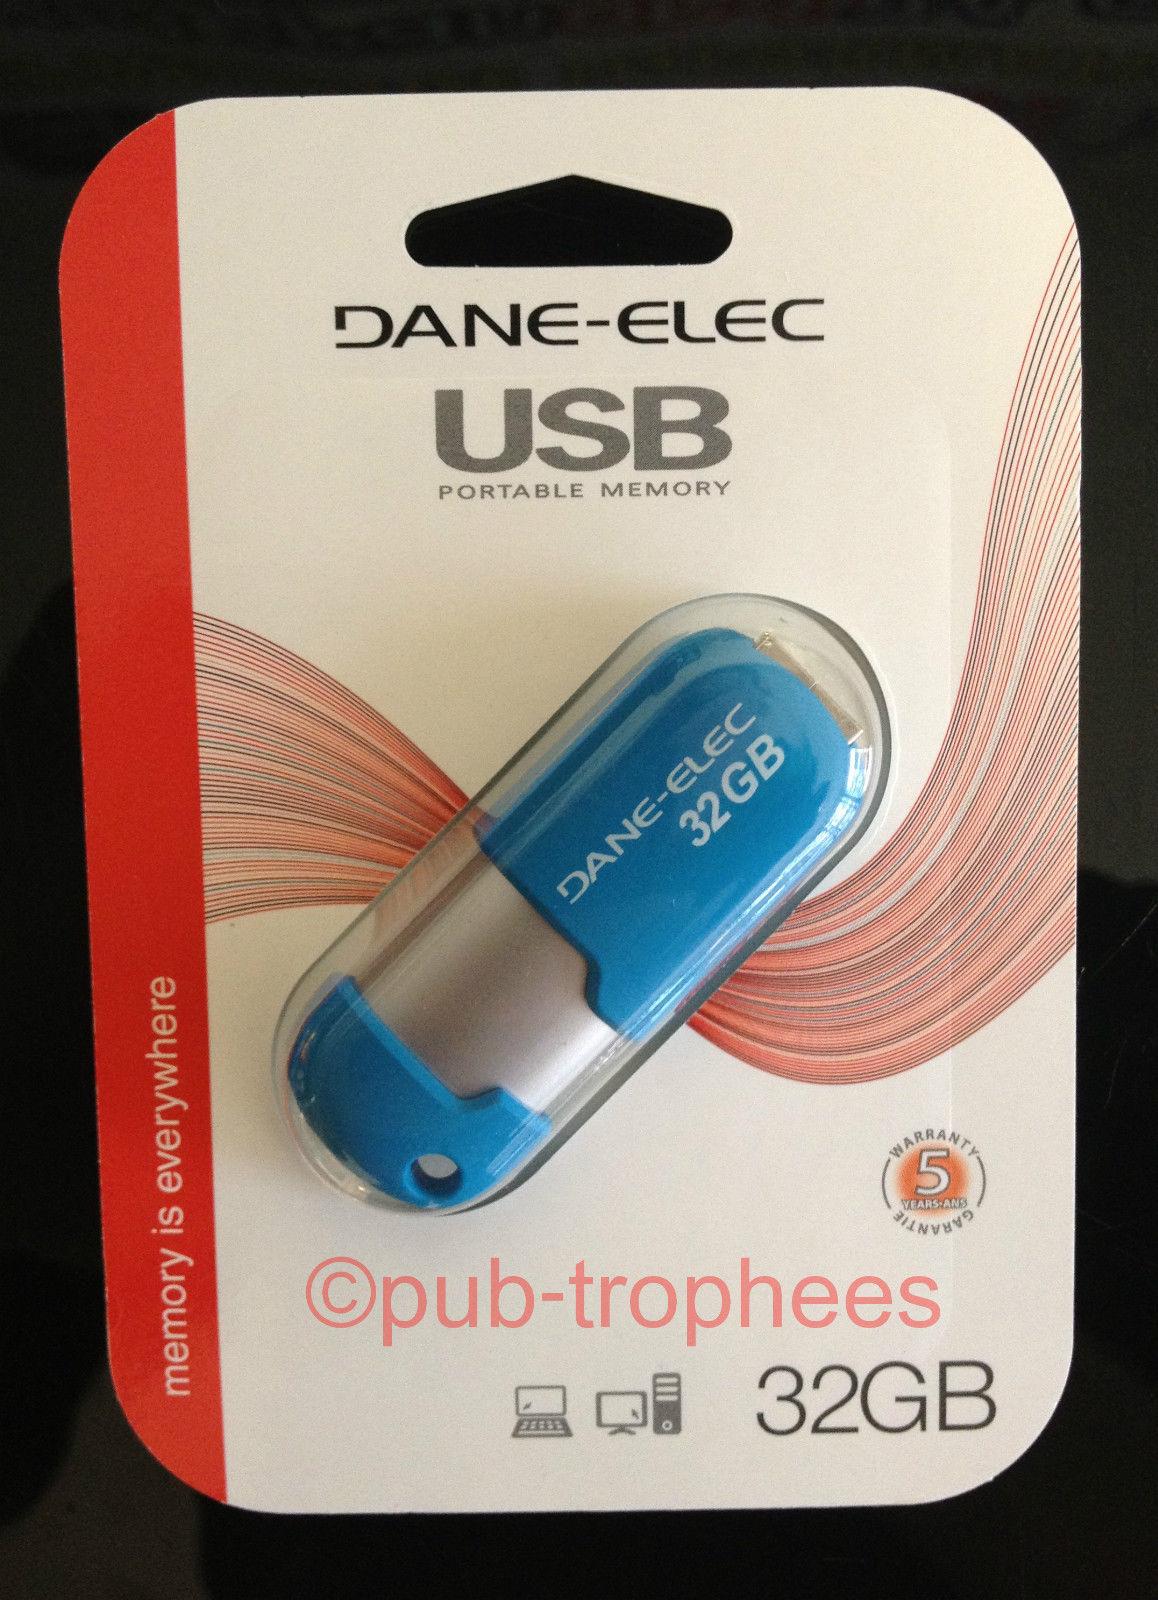 Clé USB2.0 Dane-Elec Capless - 32Go